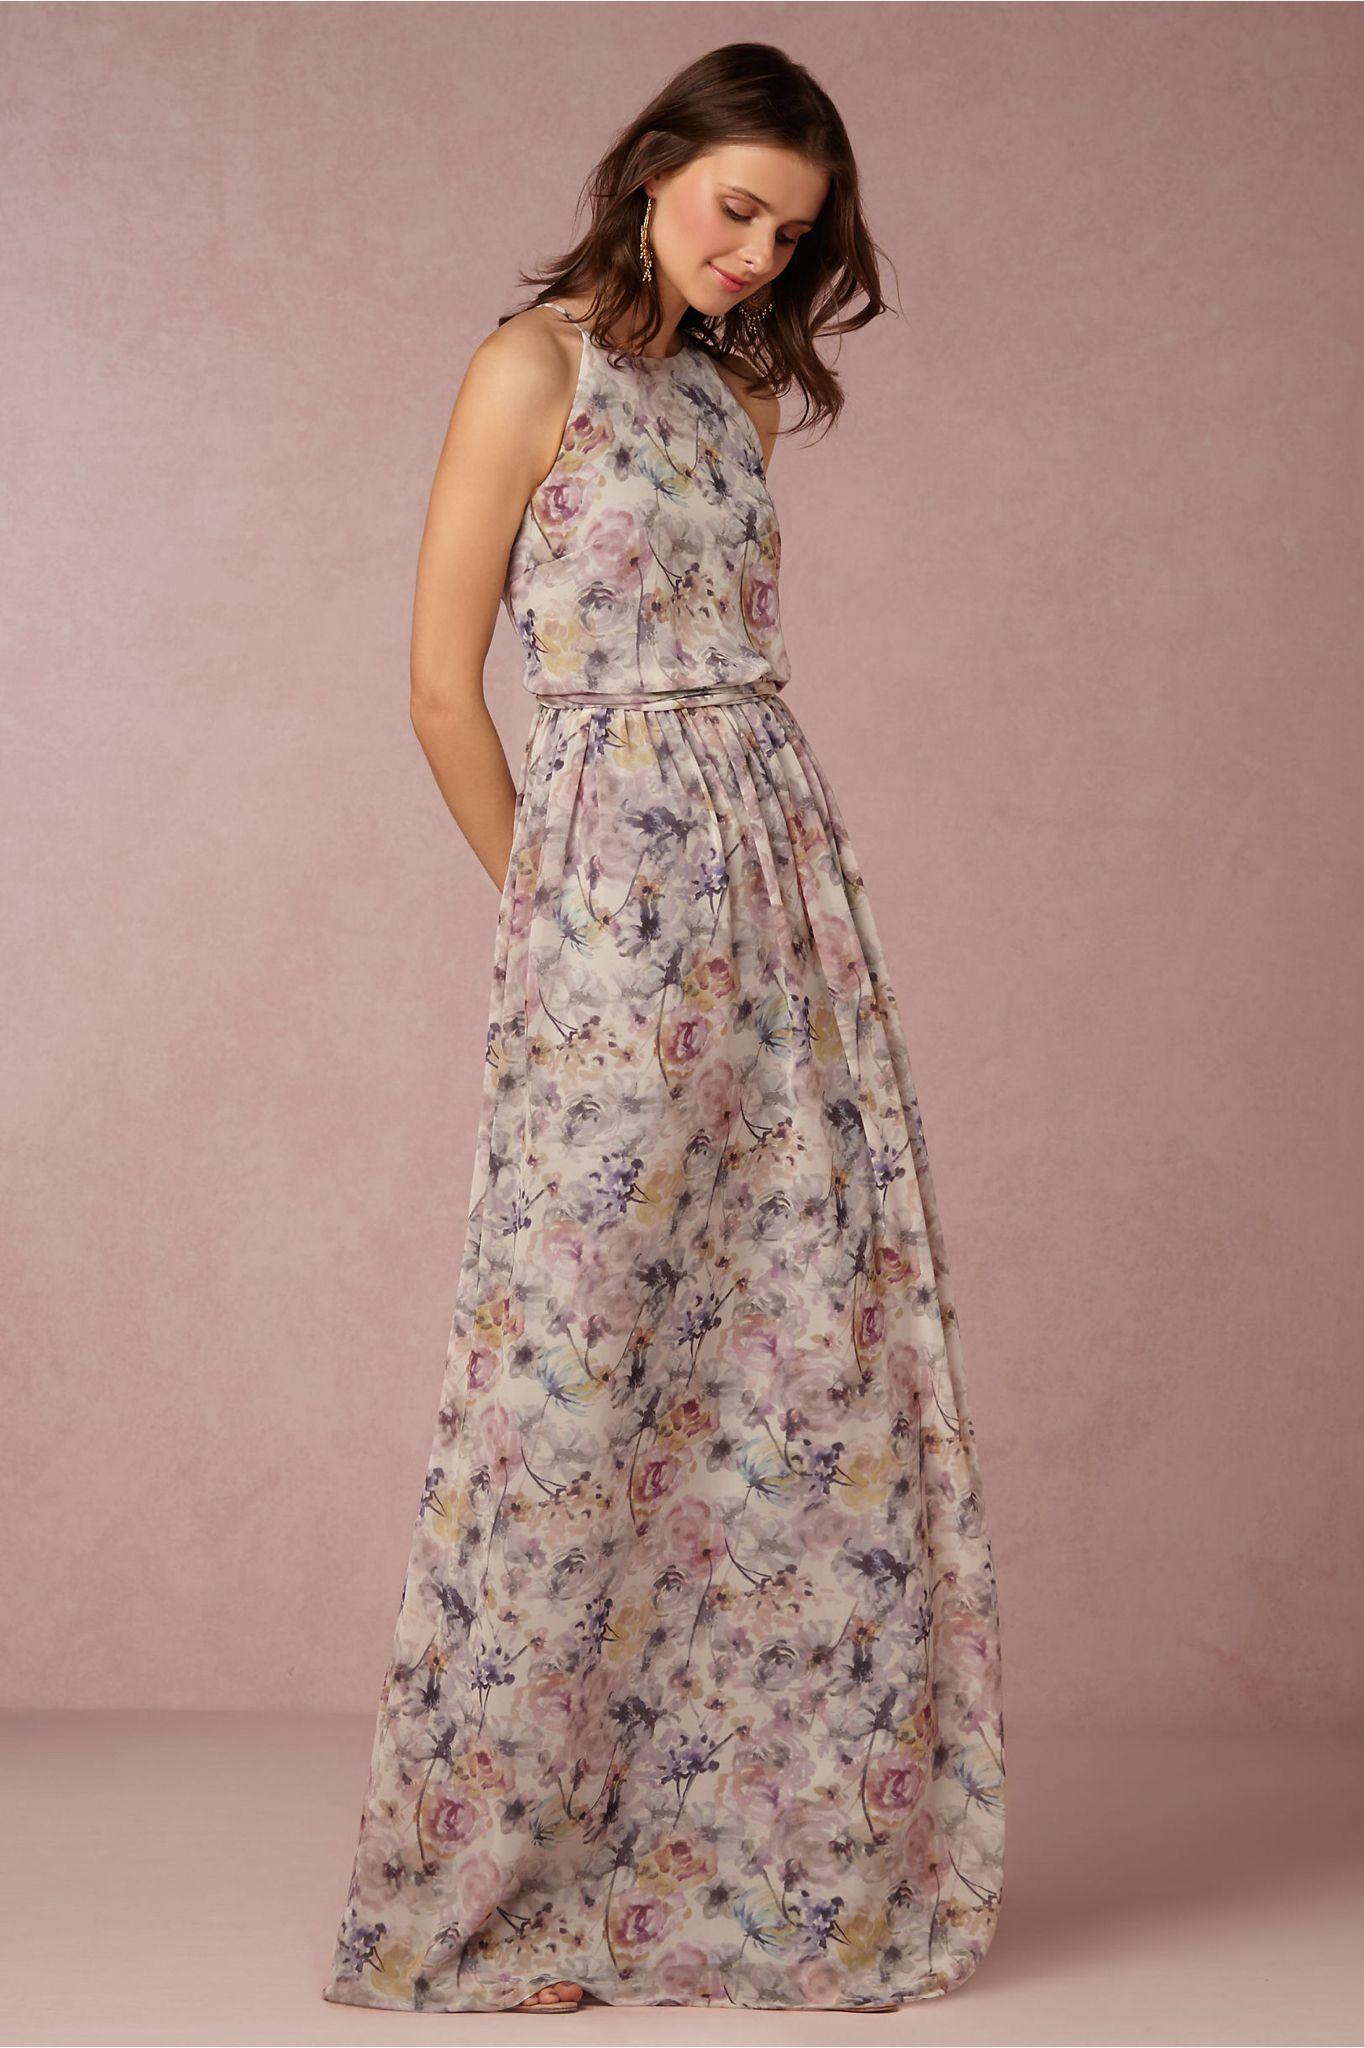 Dorable Bellos Vestidos De Dama Pinterest Fotos - Colección de ...